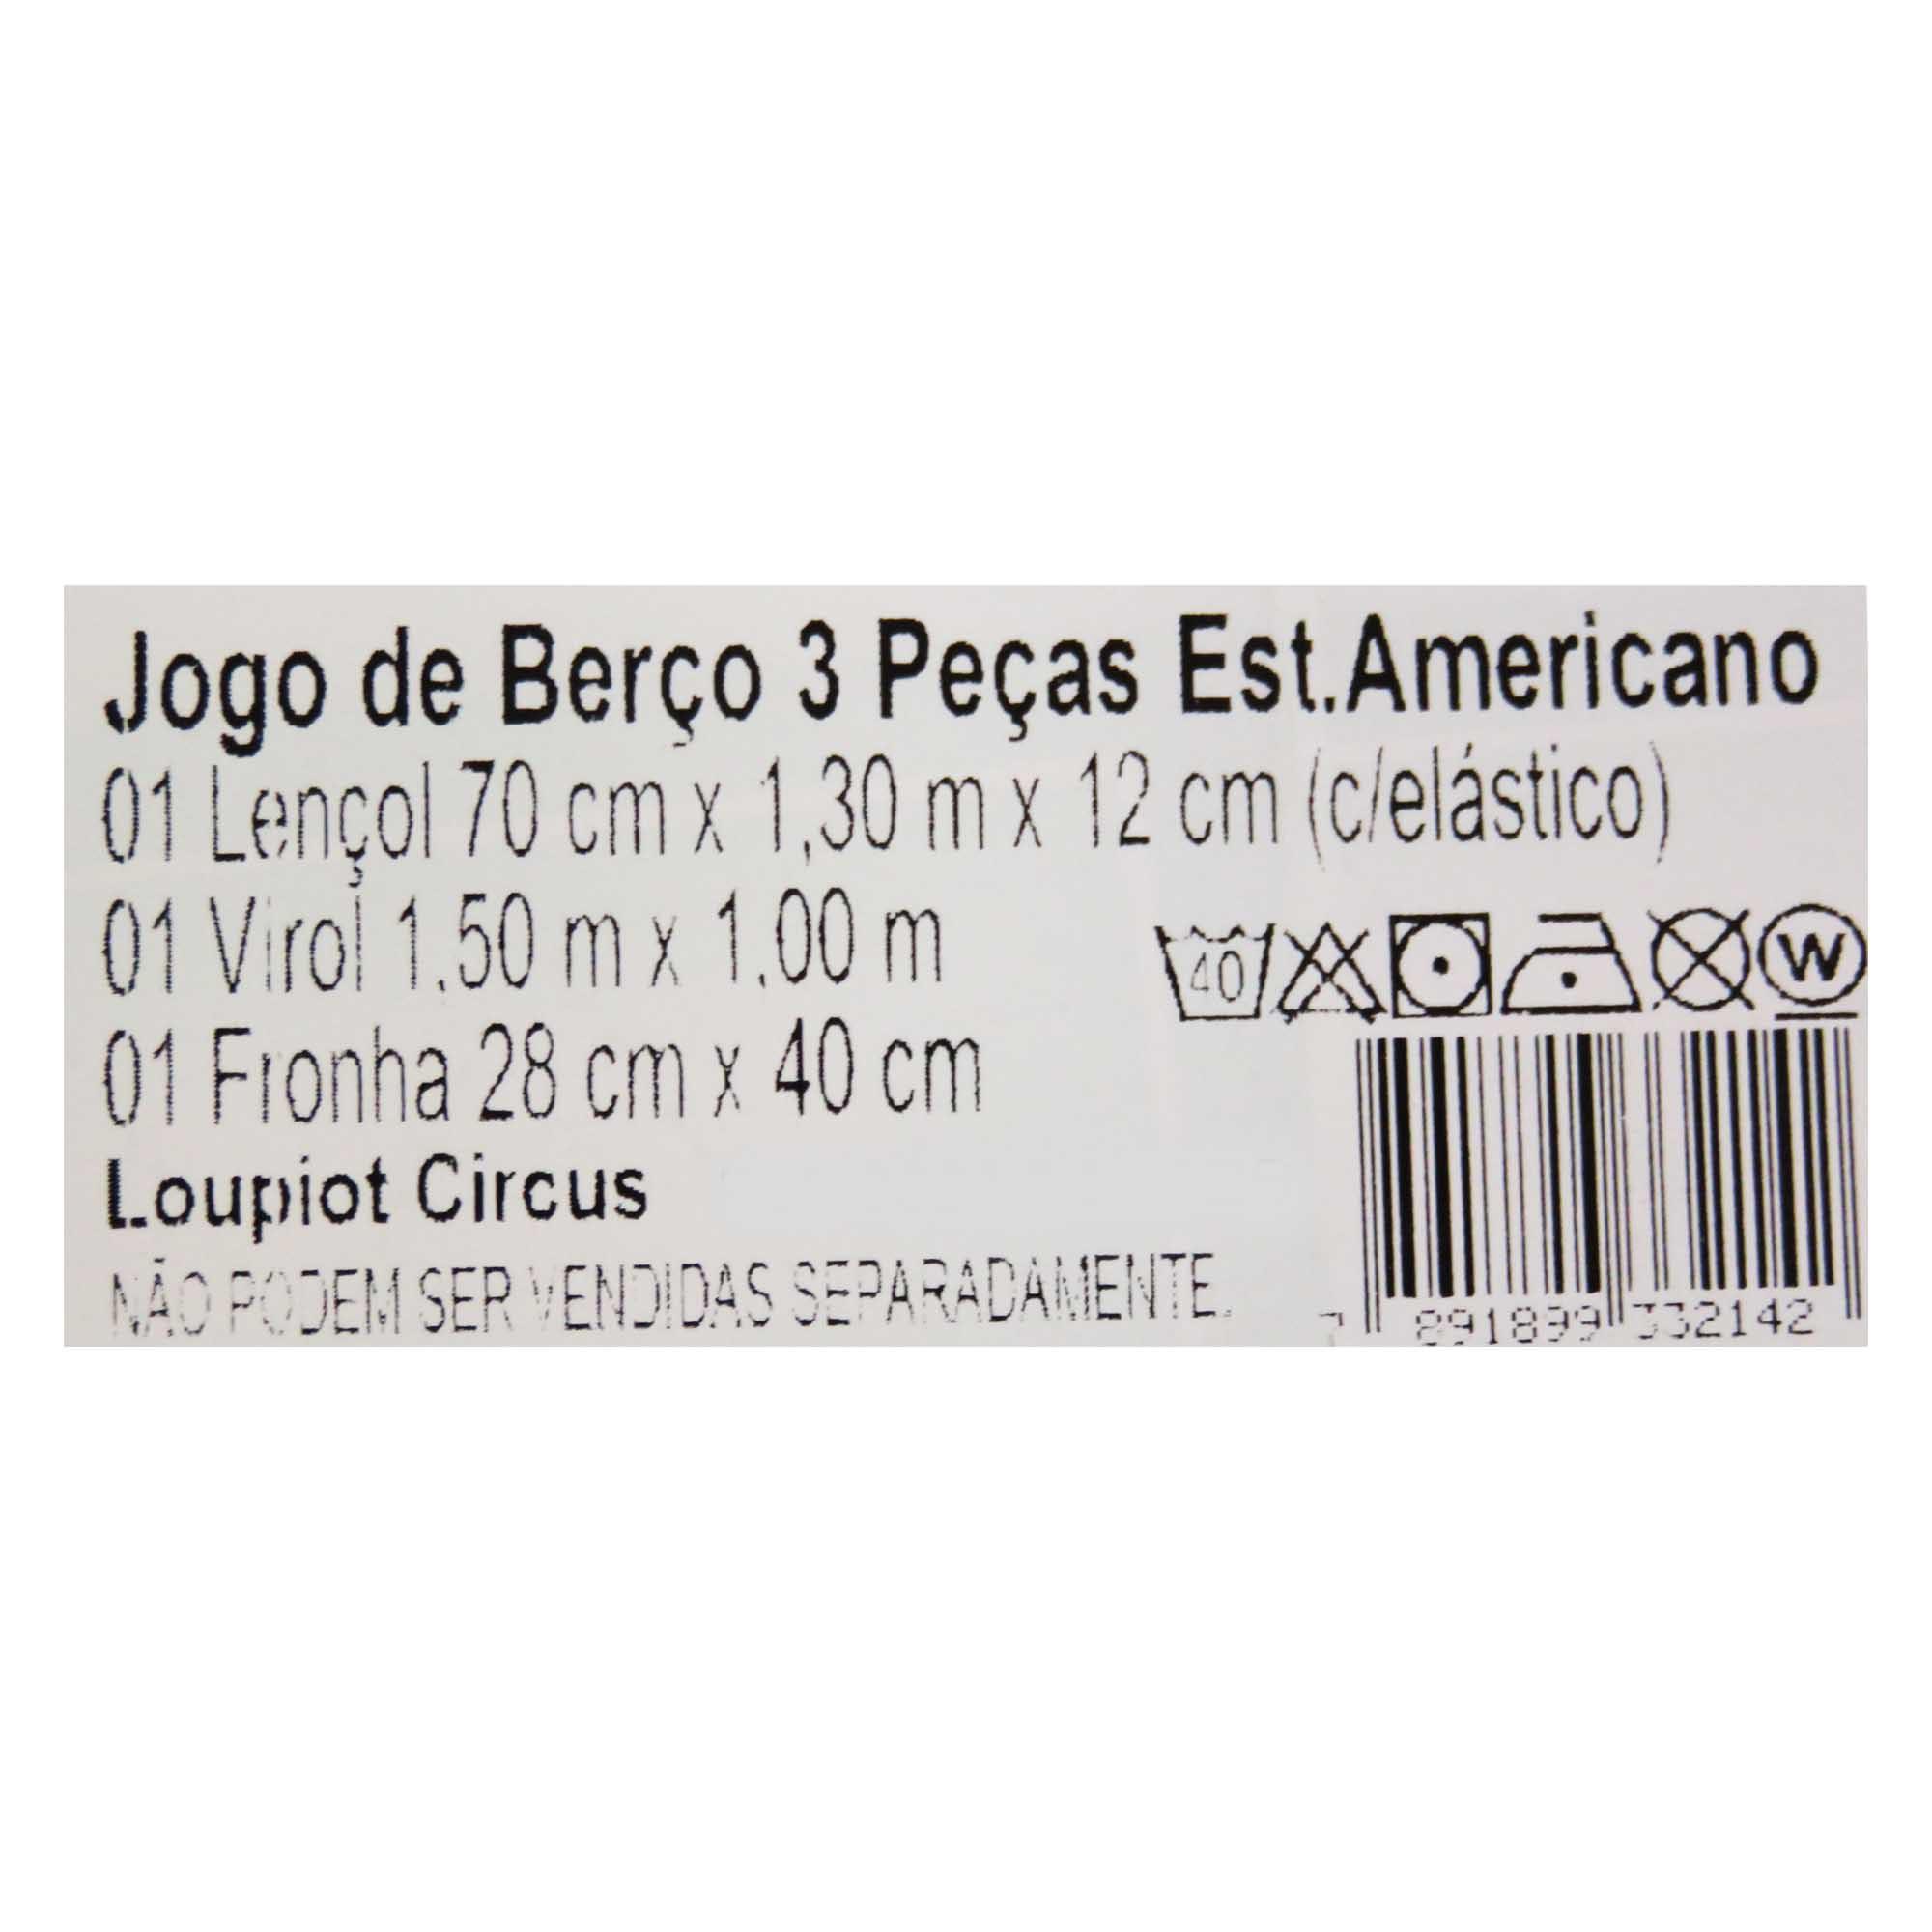 Jogo de Lençol para Berço Americano - Minasrey - Circus Loupiot